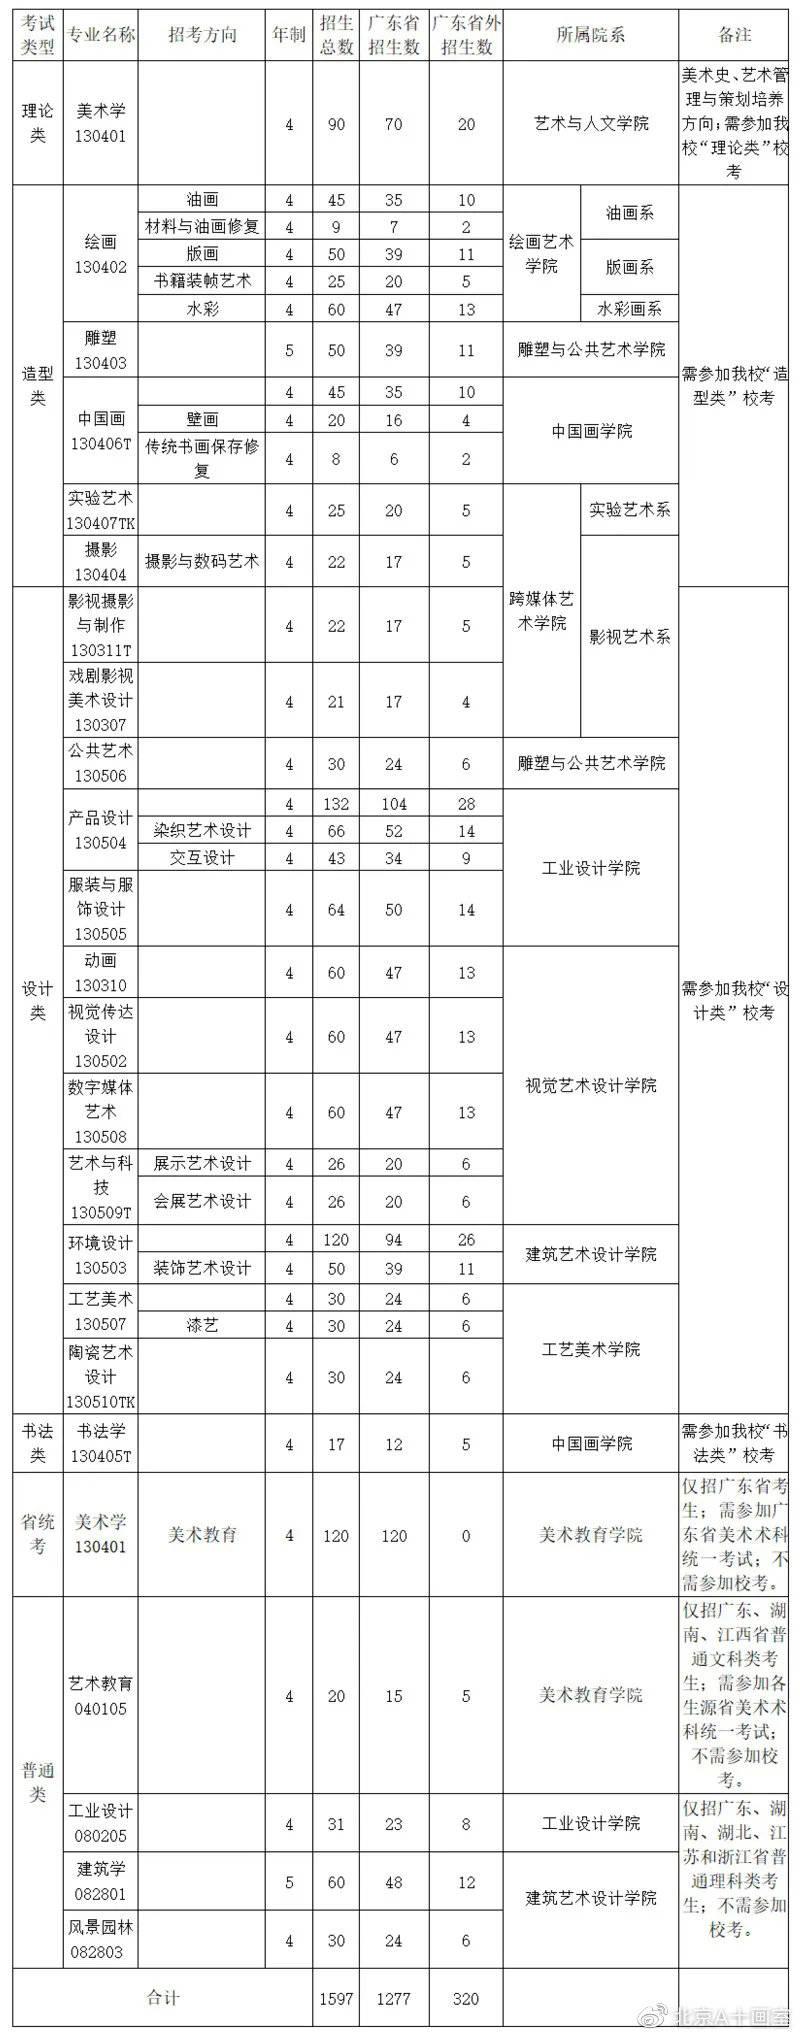 广州美术学院2020年招生计划